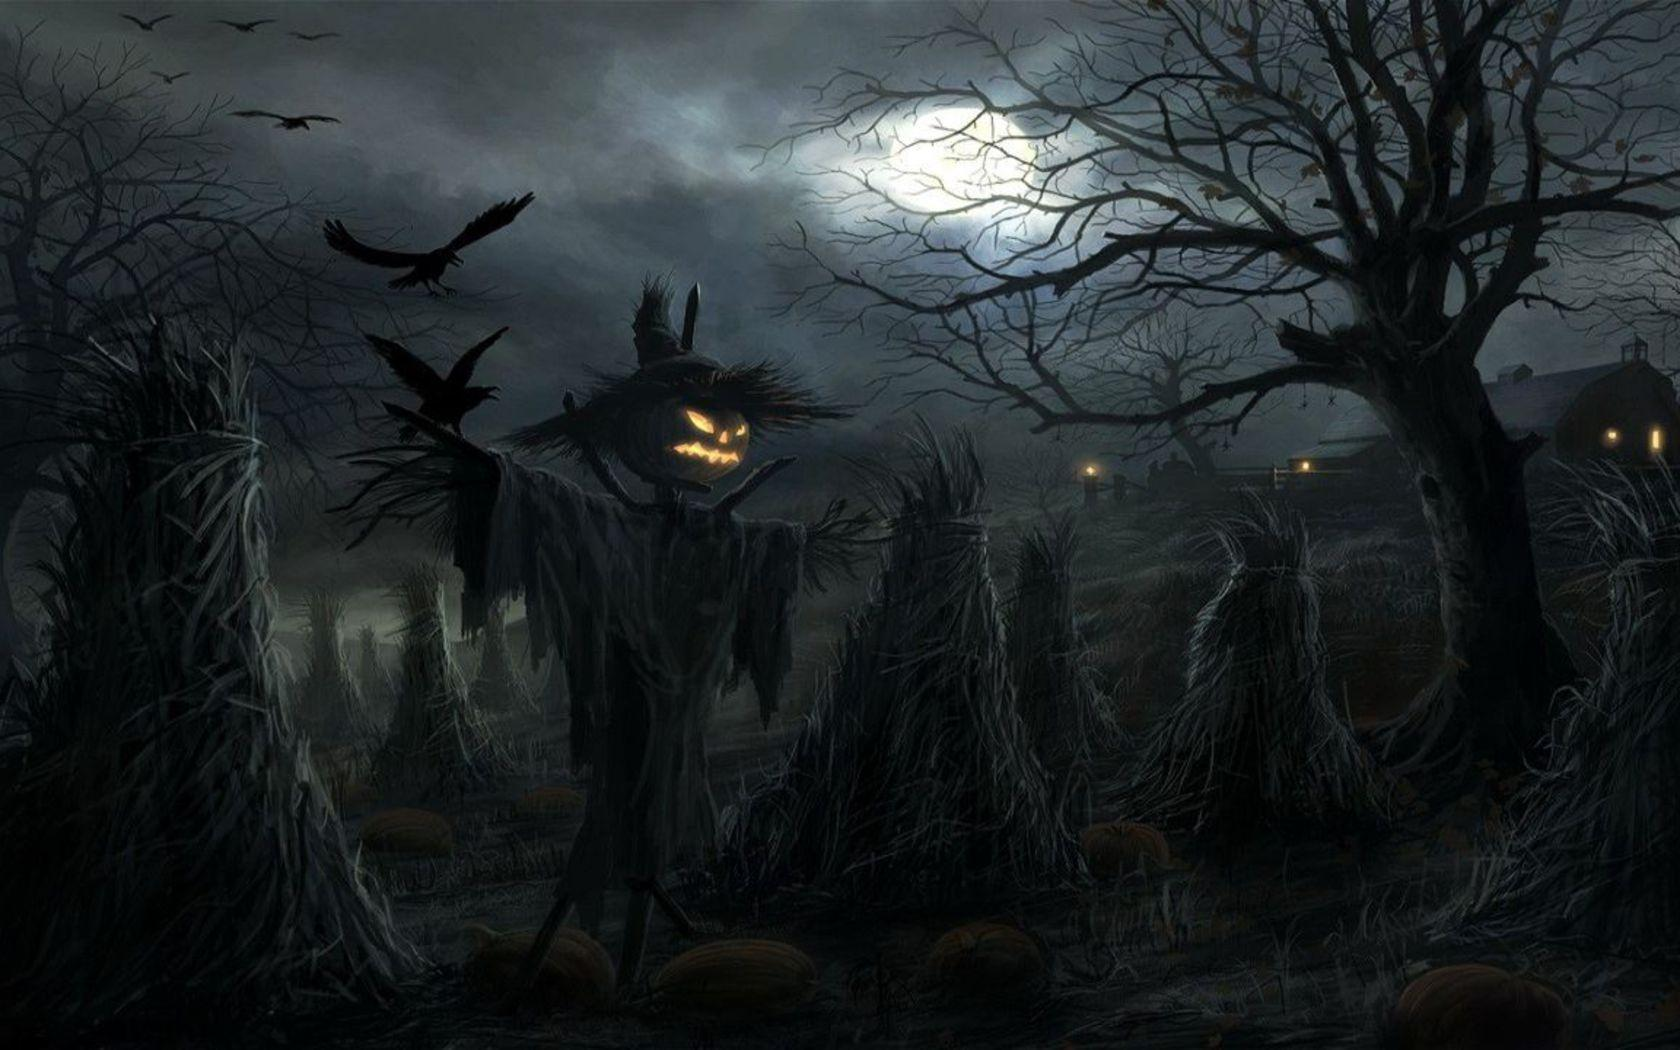 Halloween Backgrounds - Wallpaper Cave